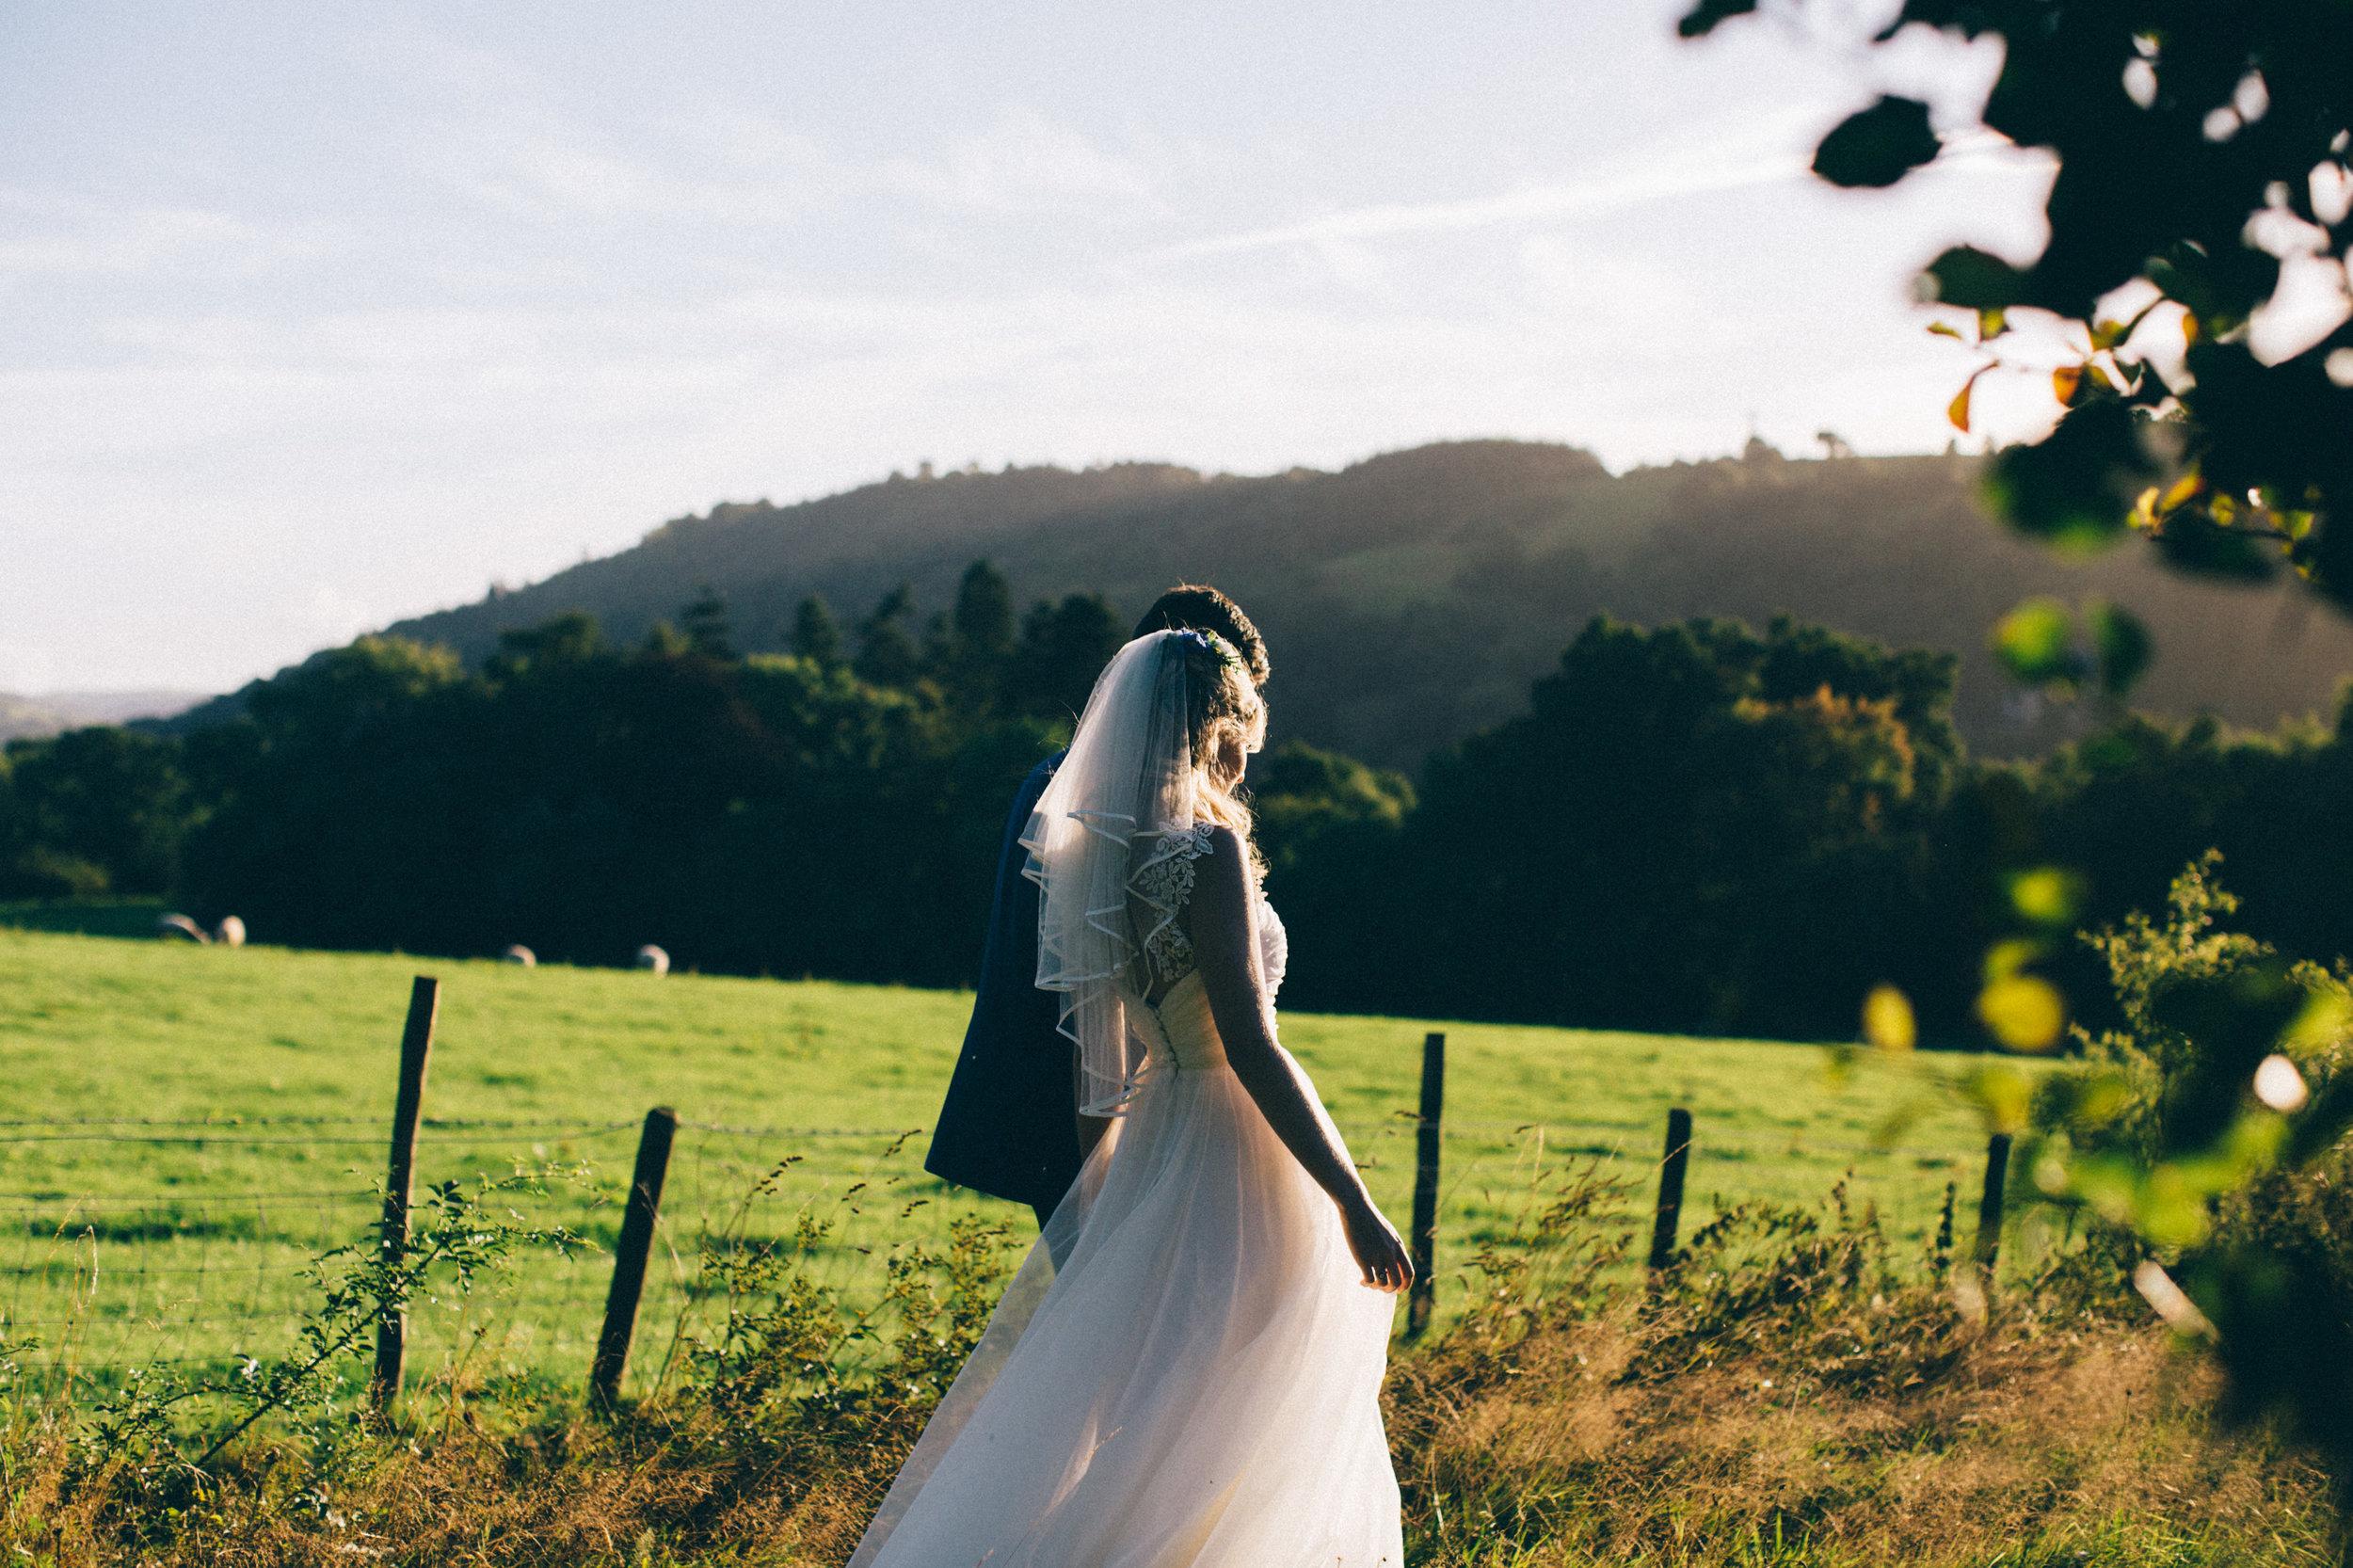 uk wedding photographer artistic wedding photography-1.jpg